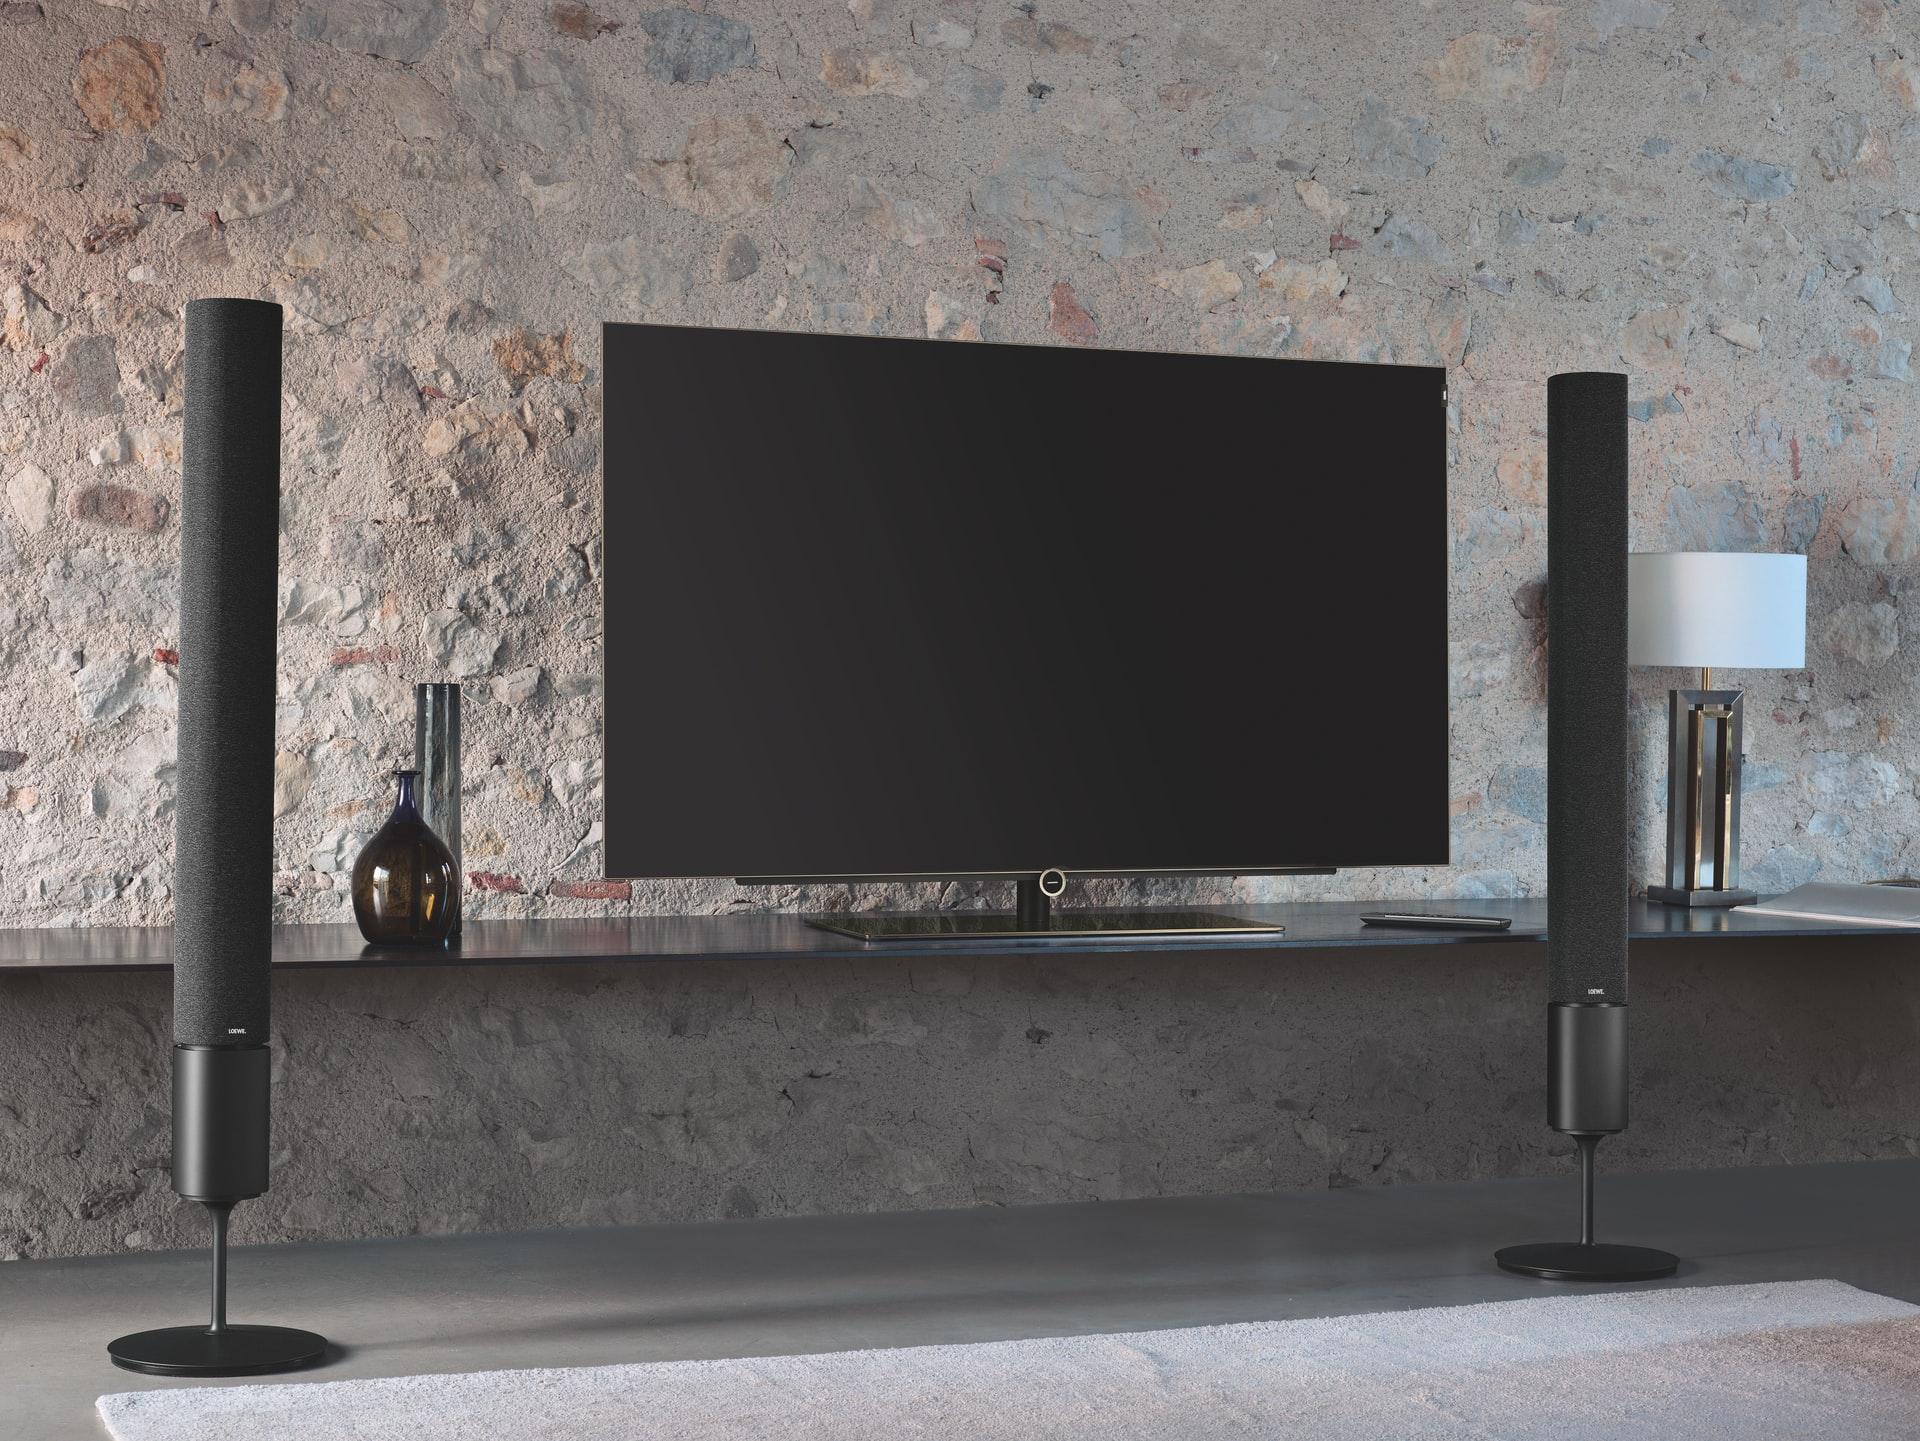 Installer sa télévision : au mur ou sur pied ? 1